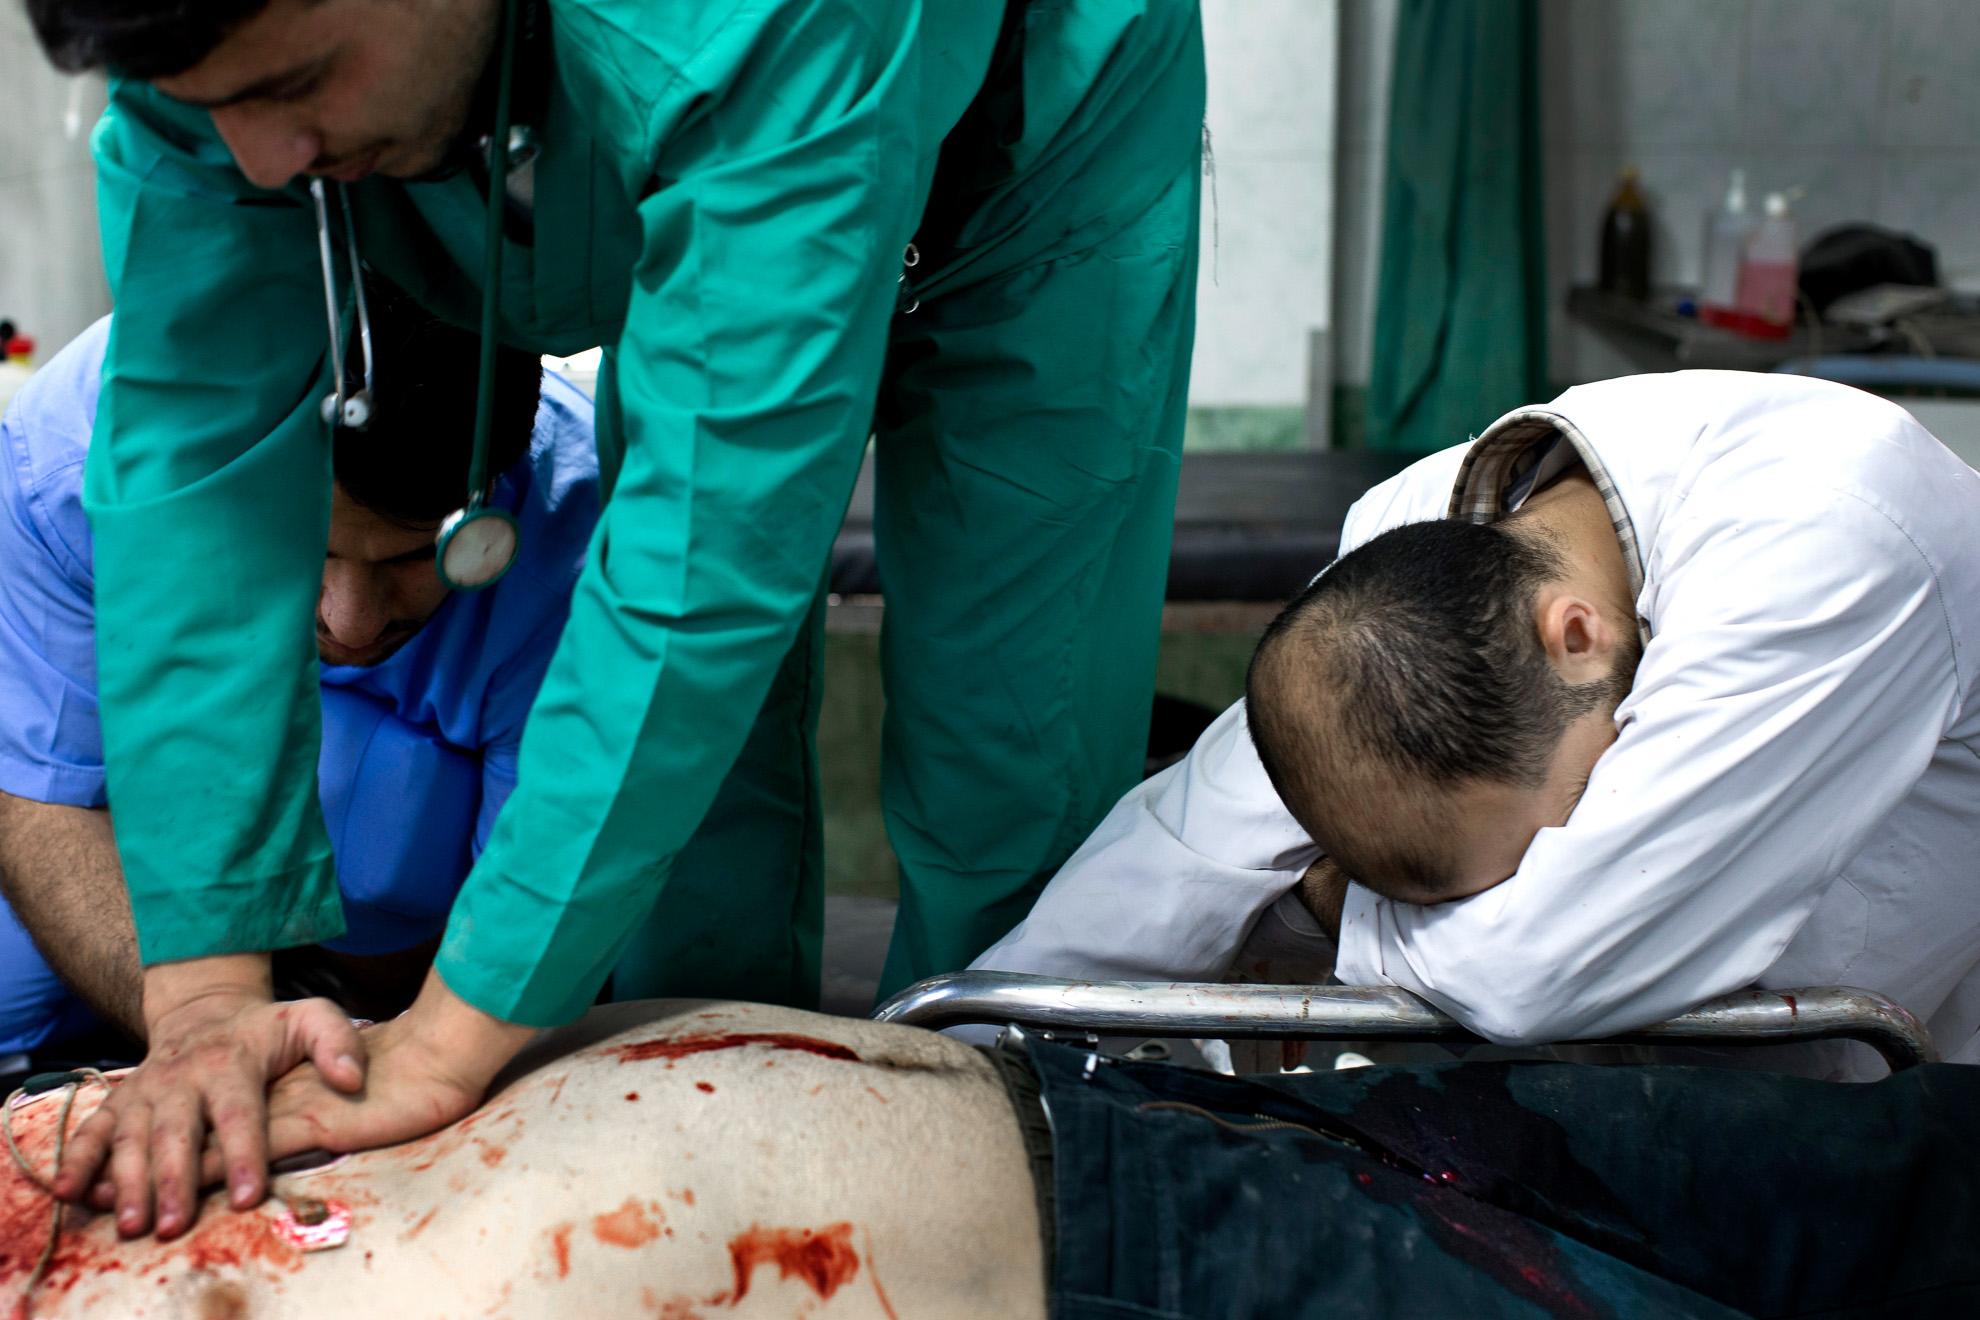 Alepo, Siria. 15-10-2012. Omar, de 31 años, un soldado del Ejército Libre de Siria, llegó al hospital a las 13:49 con una herida de bala en el pecho. Nueve minutos más tarde fue declarado muerto.